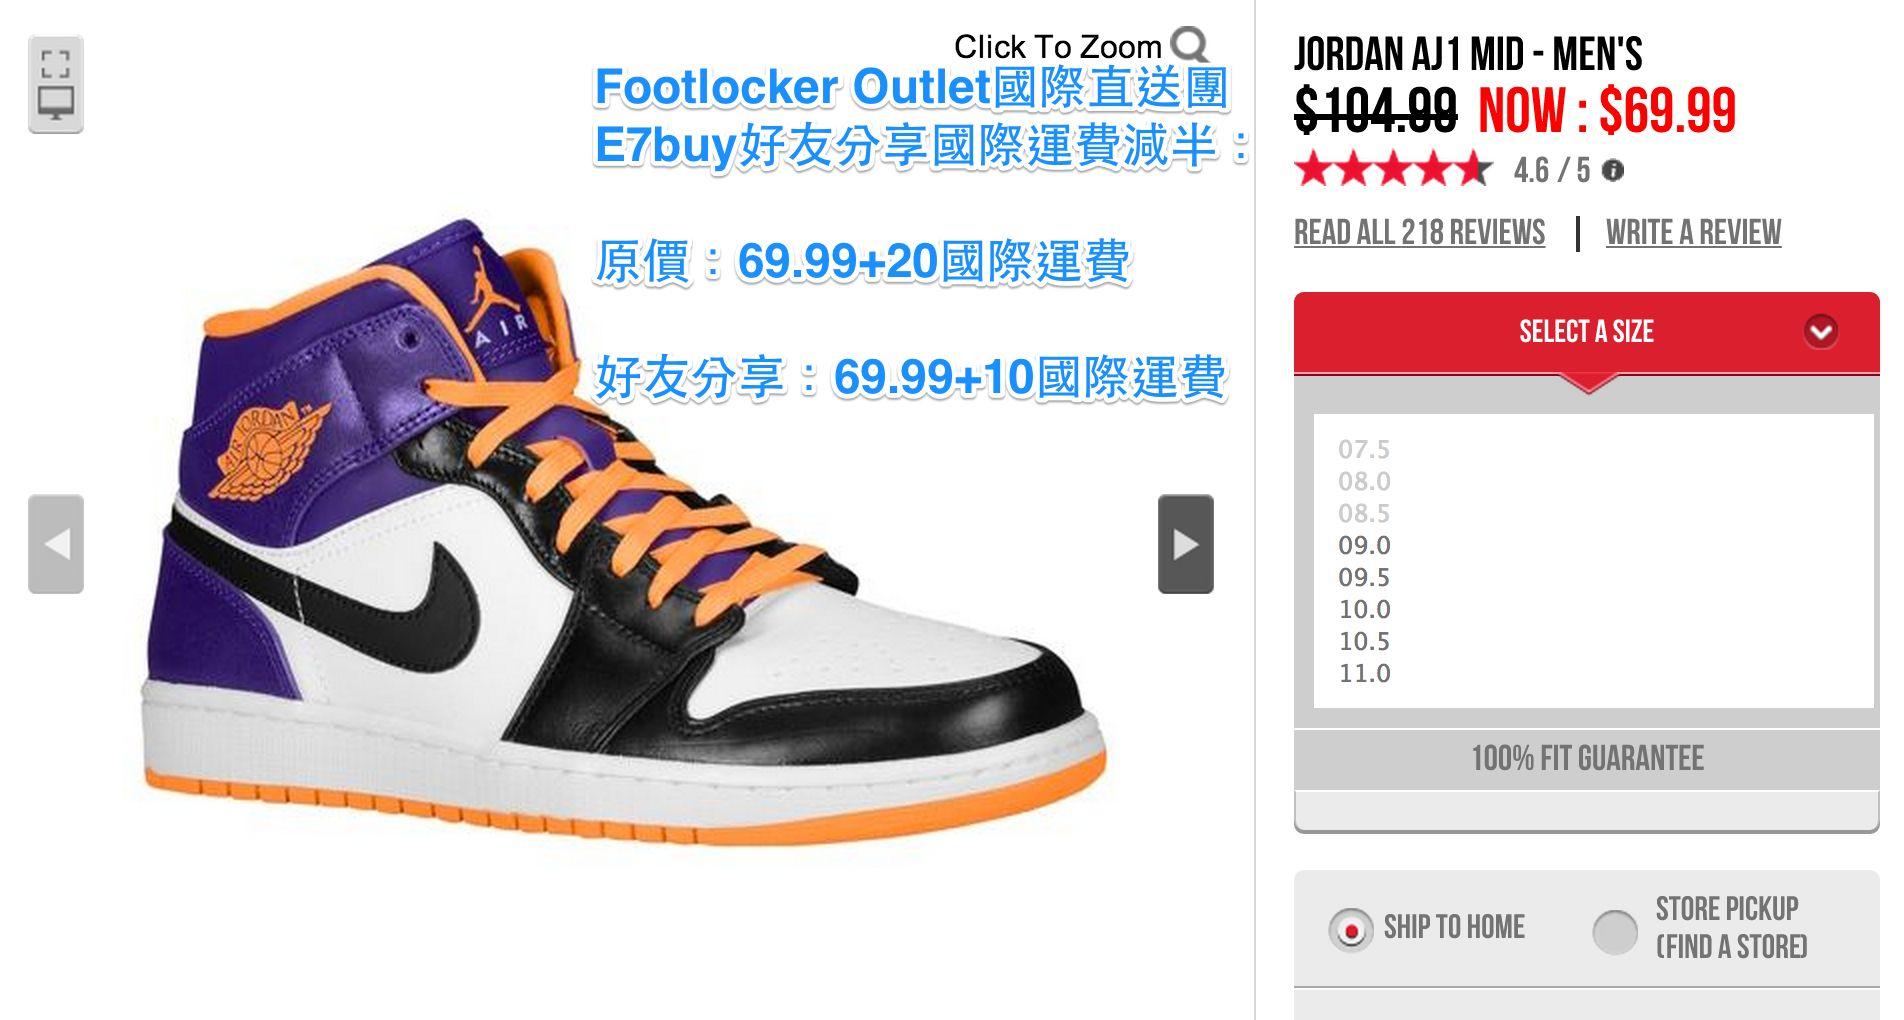 Hot sneakers, Foot locker, Sneakers nike